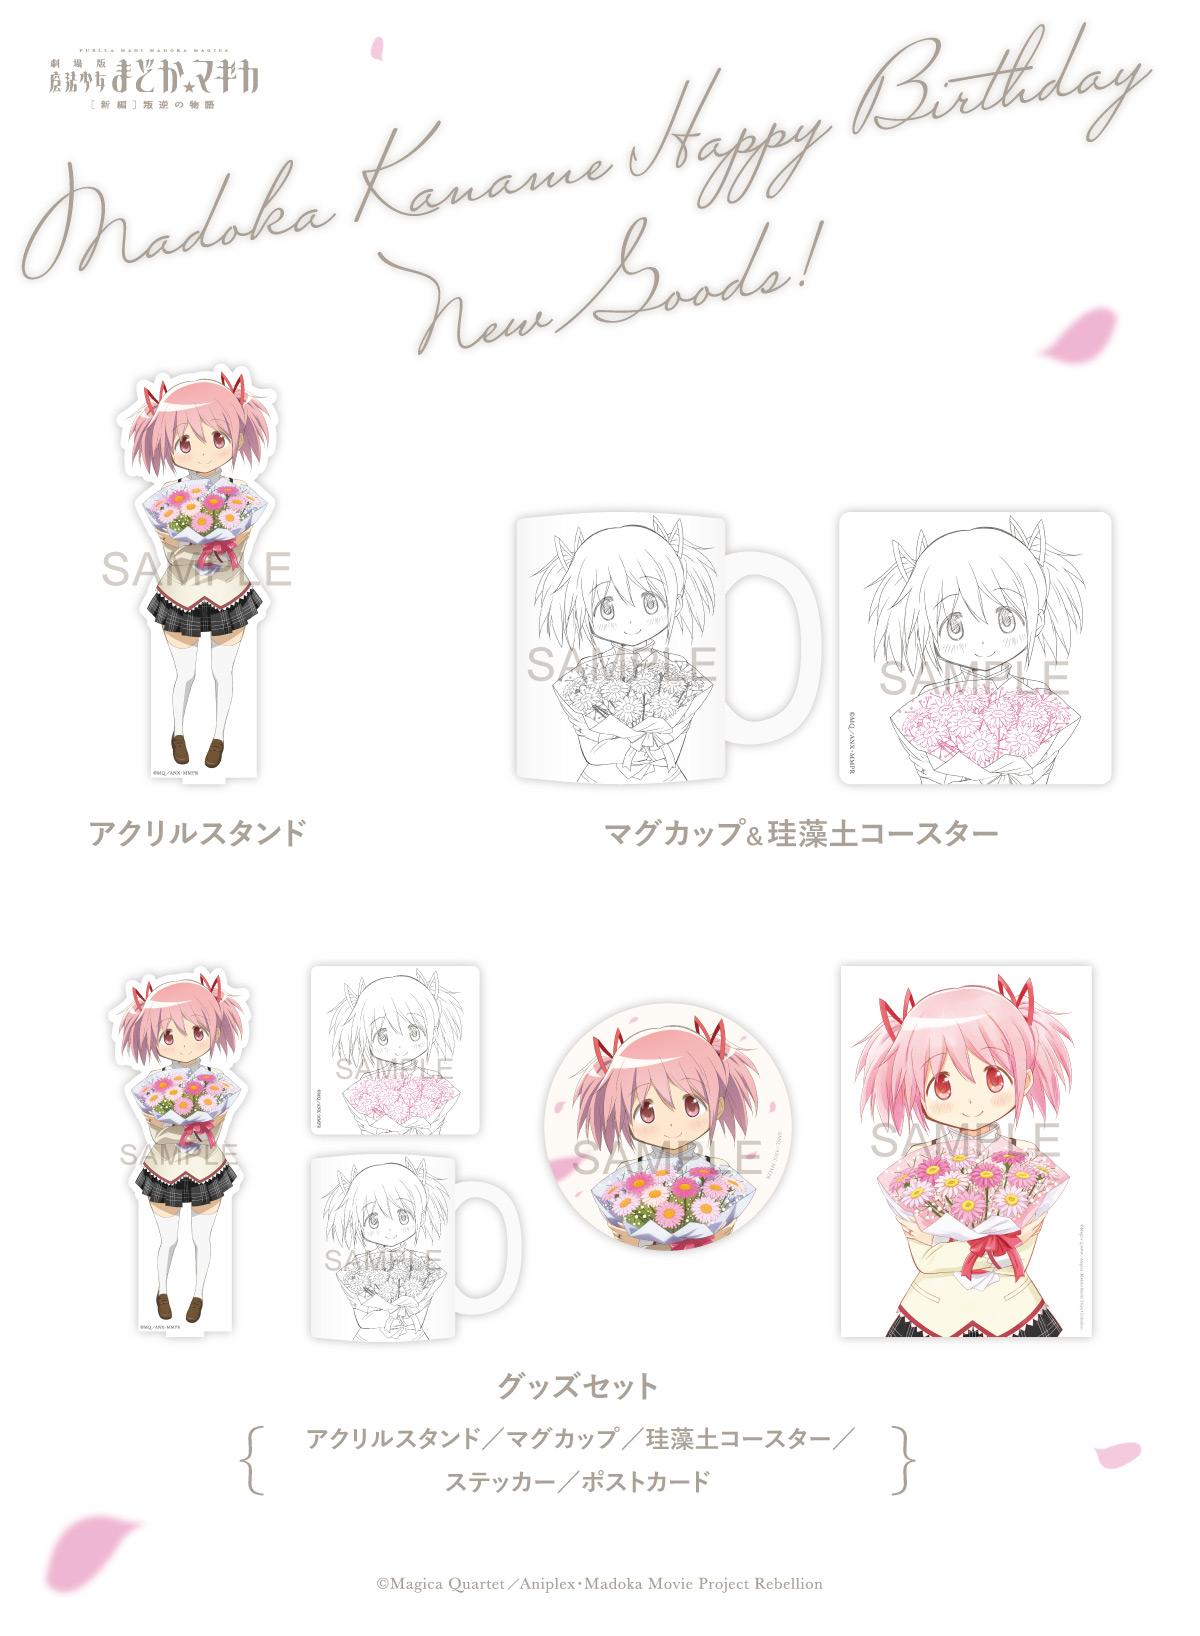 【受注商品】『魔法少女まどか☆マギカ』鹿目まどか誕生日新商品が発売決定!